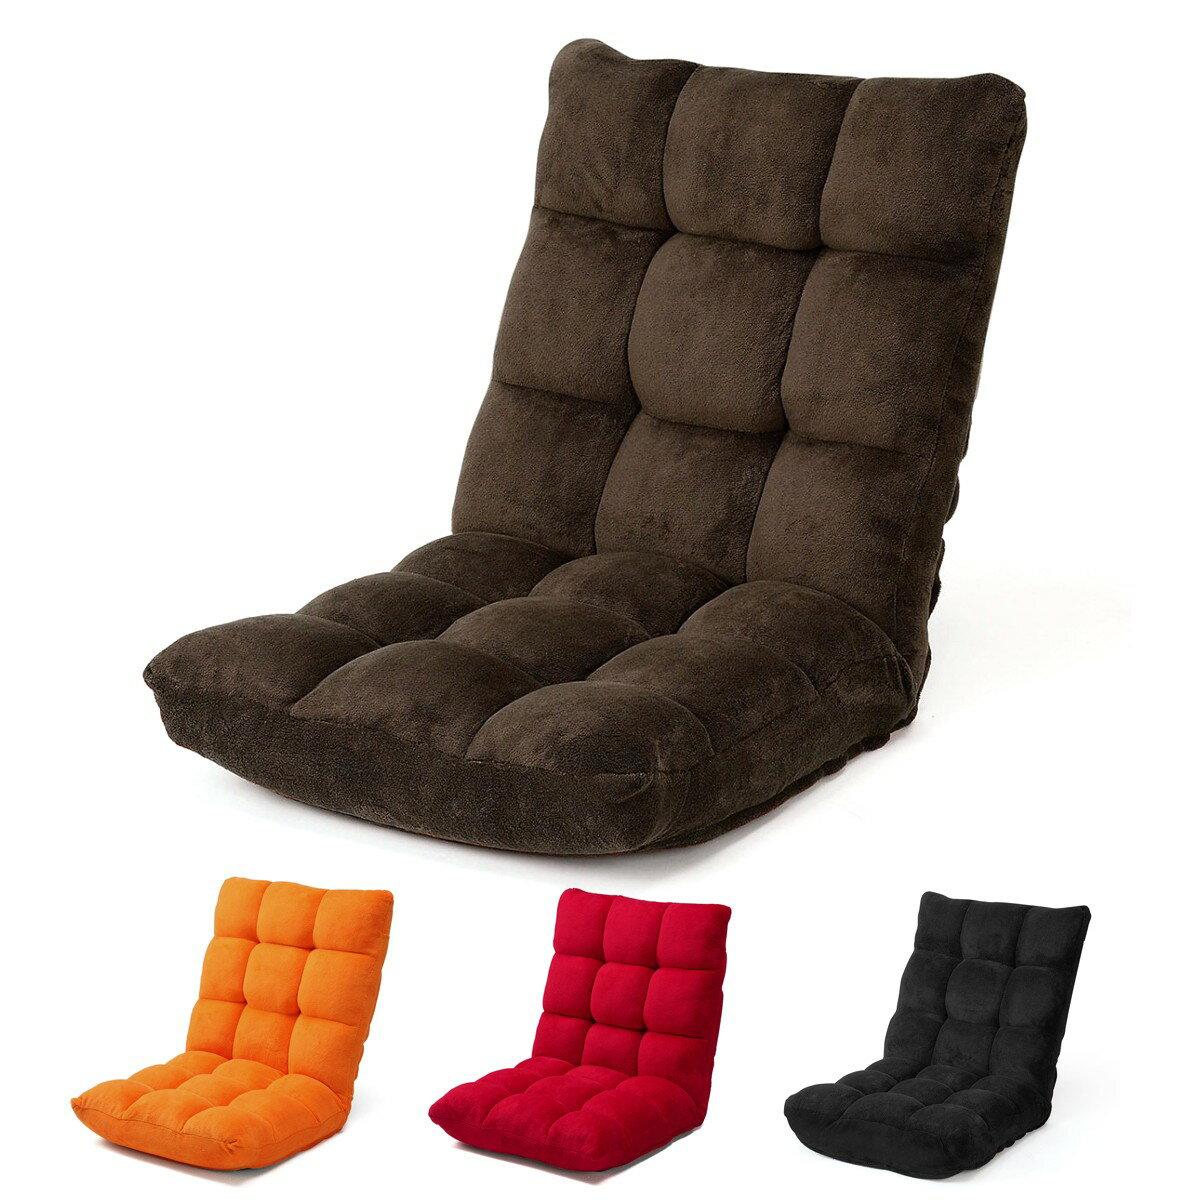 ふあふあフロアチェア 42段階調整 幅45cm 低反発ウレタン座椅子の写真